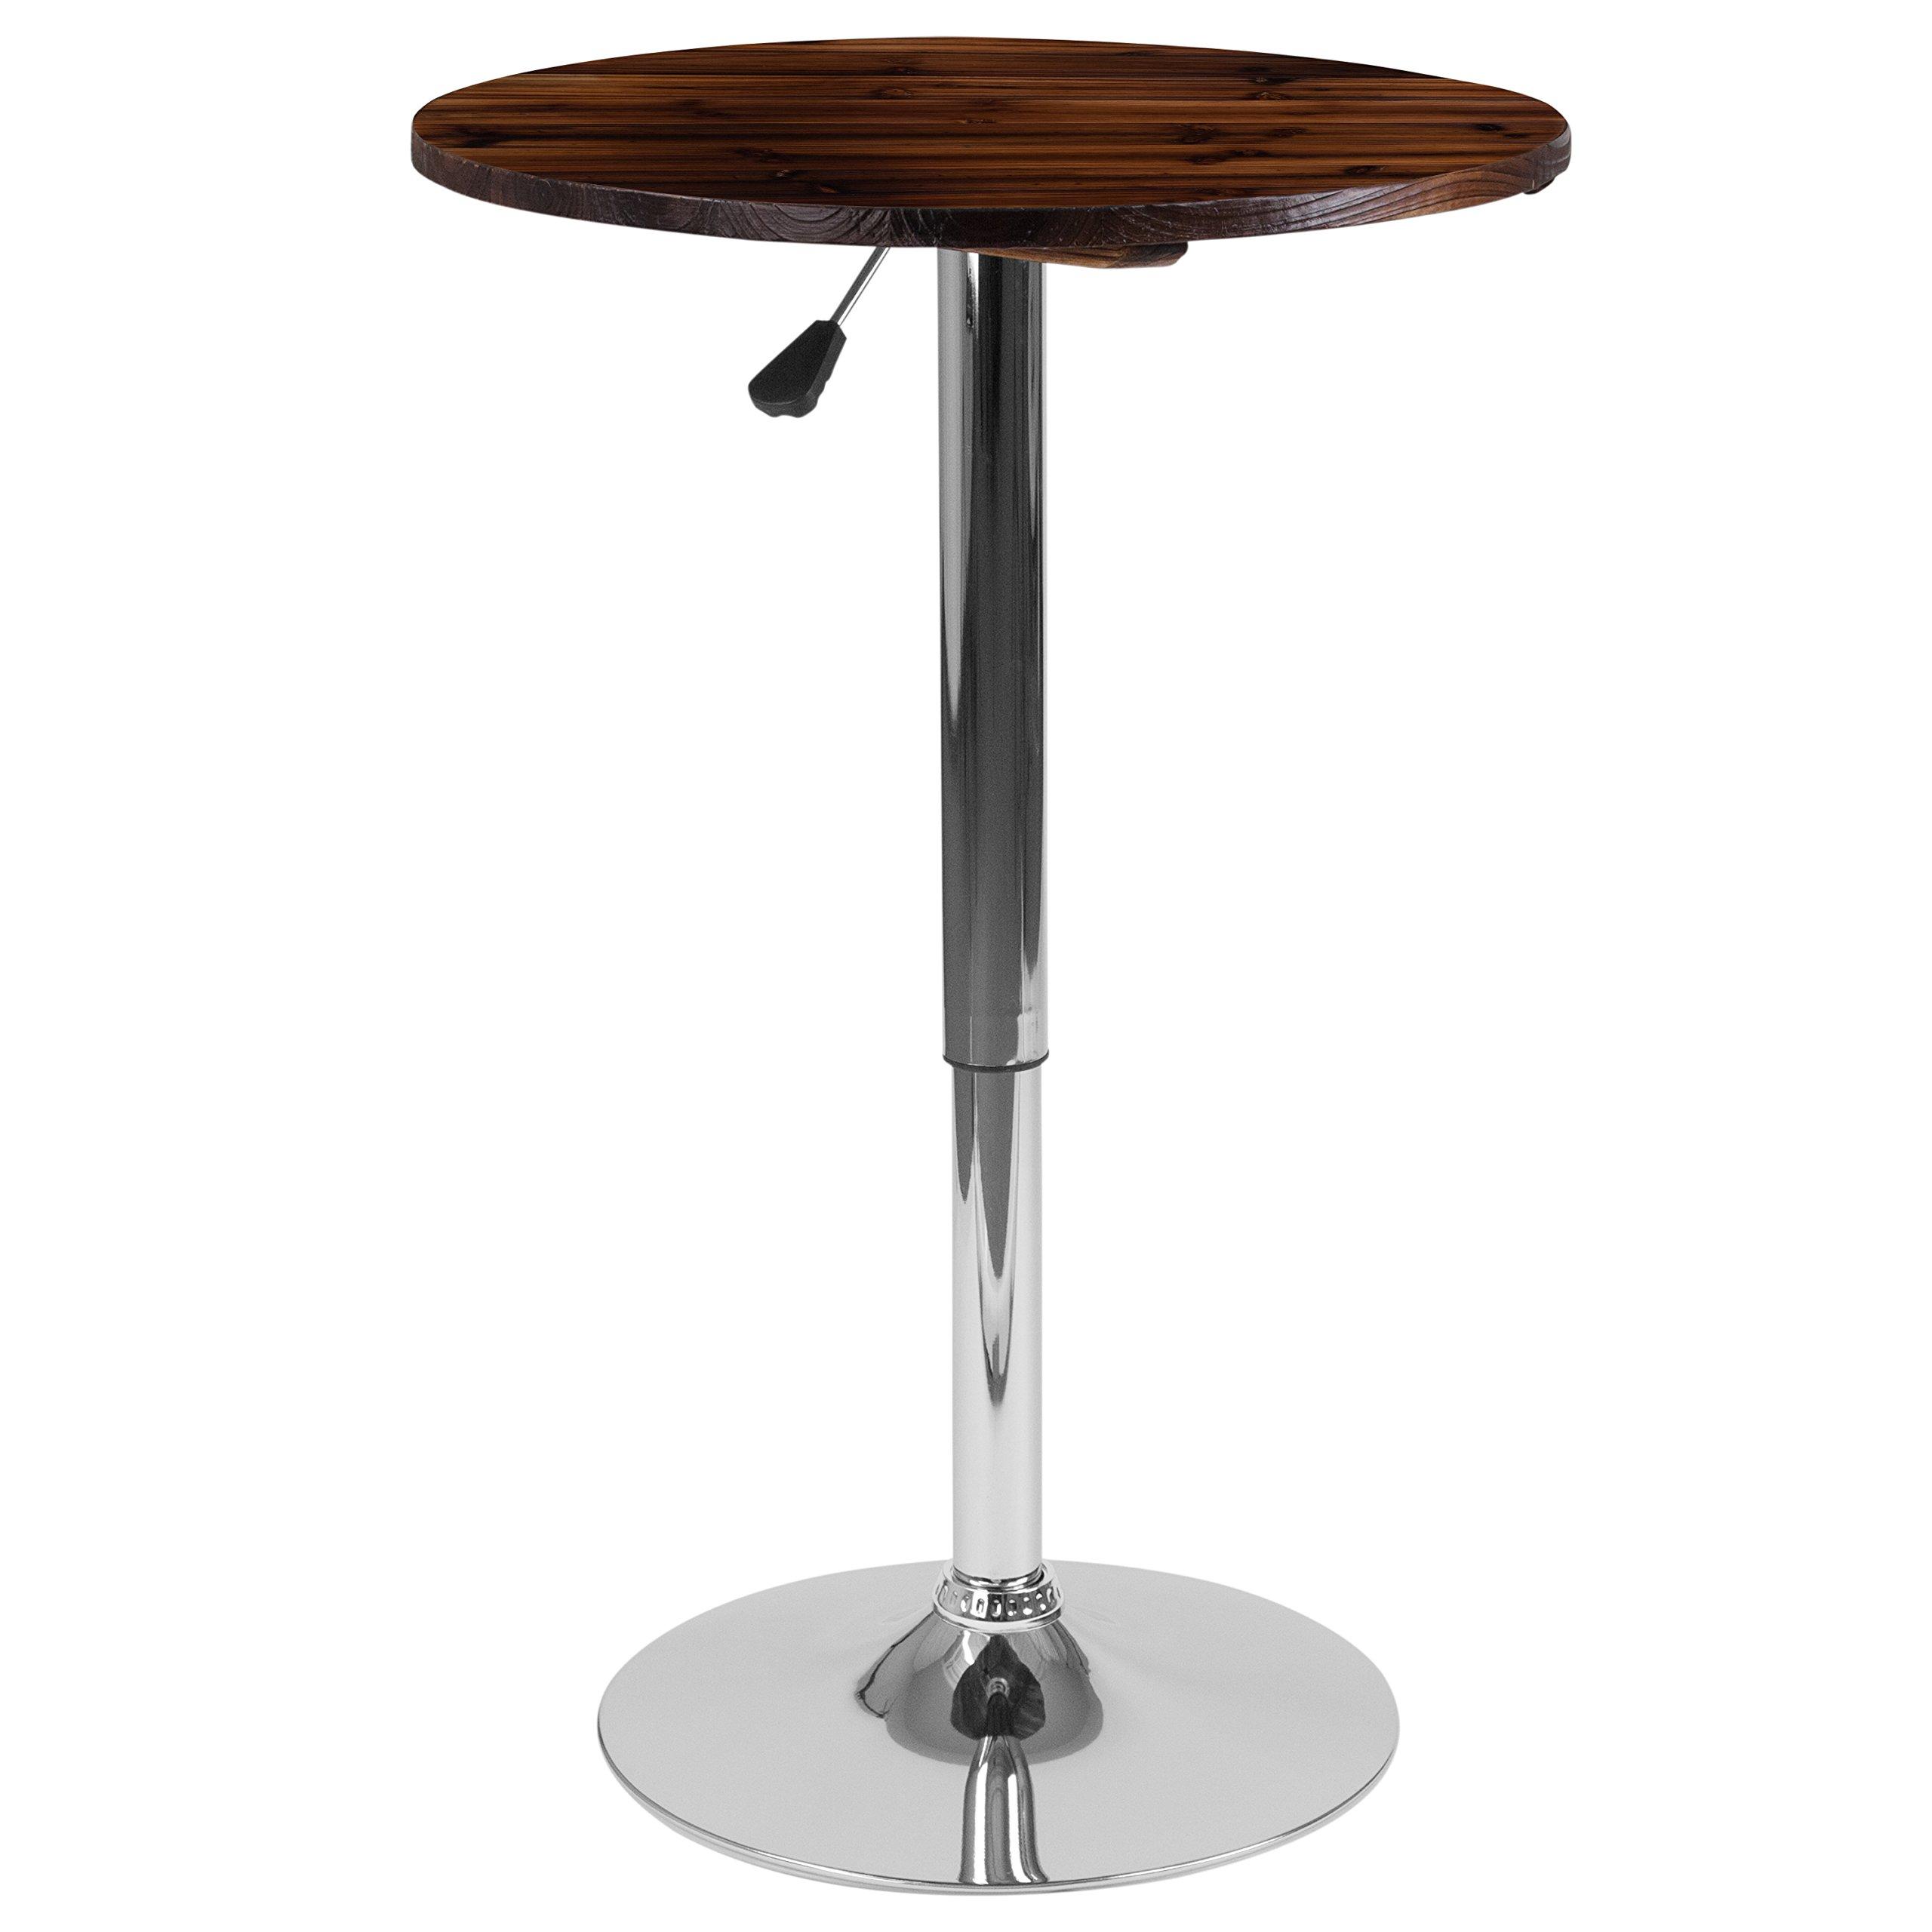 Flash Furniture 23.5'' Round Adjustable Height Rustic Walnut Wood Table (Adjustable Range 26.25'' - 35.5'')